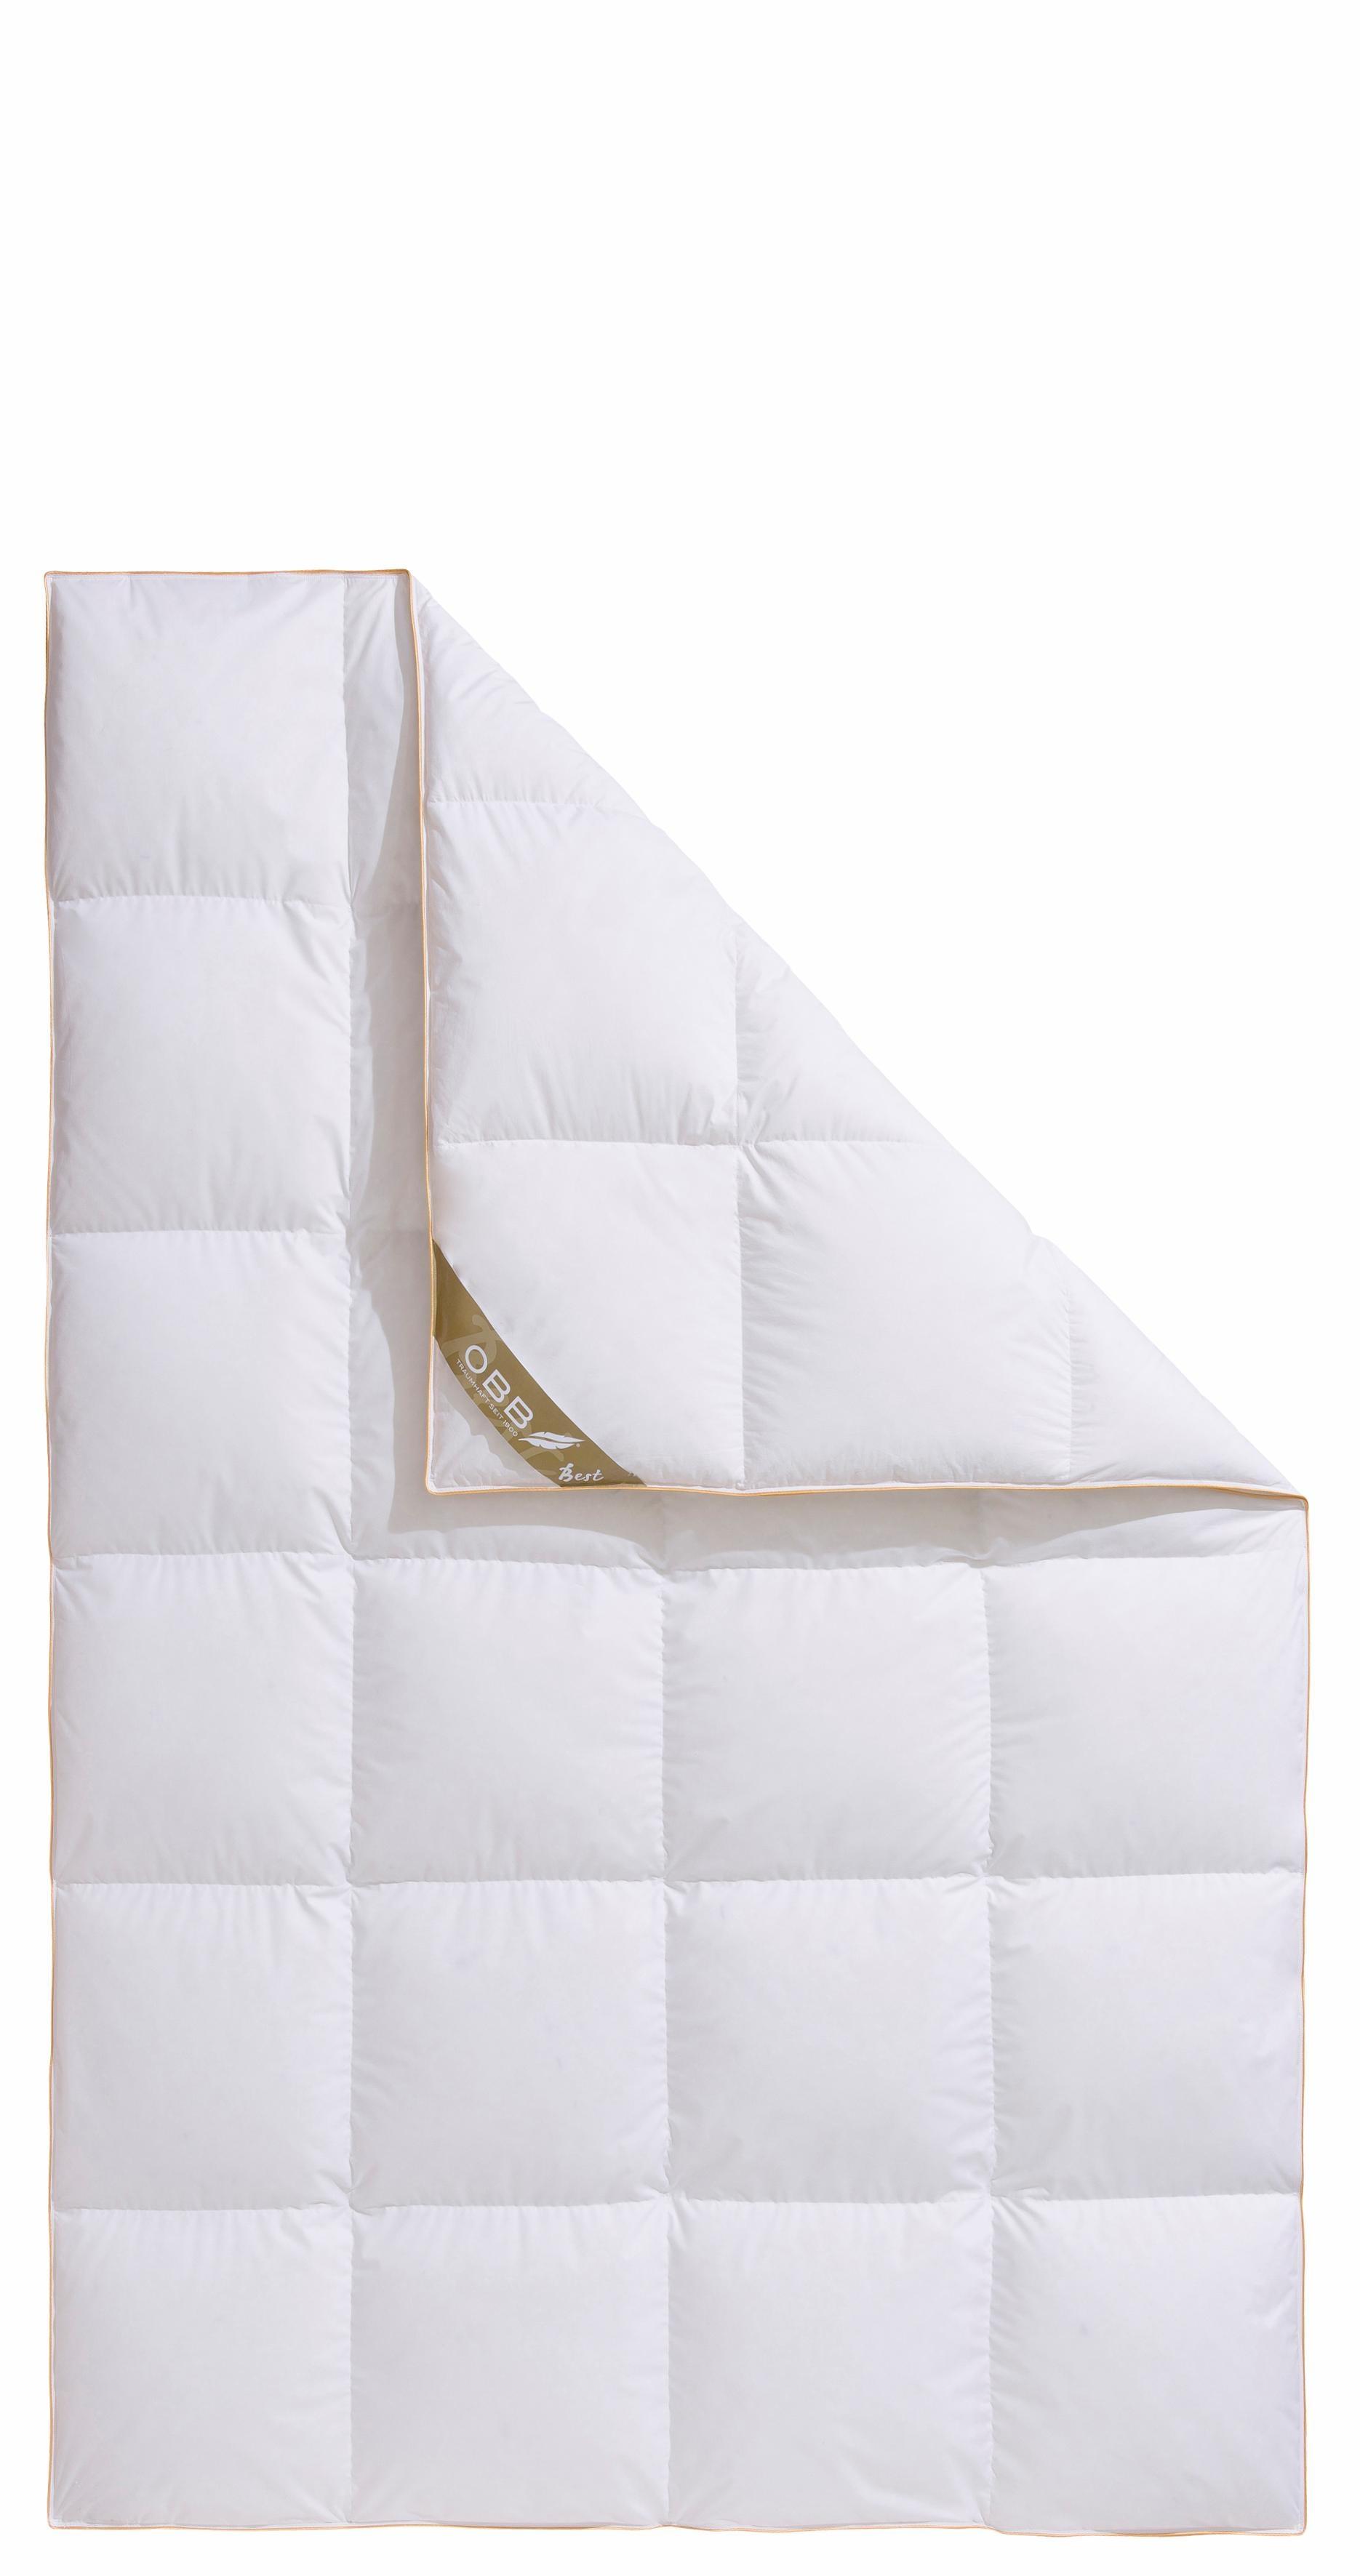 Daunenbettdecke Best OBB warm Füllung: 90% Daunen 10% Federn Bezug: 100% Baumwolle